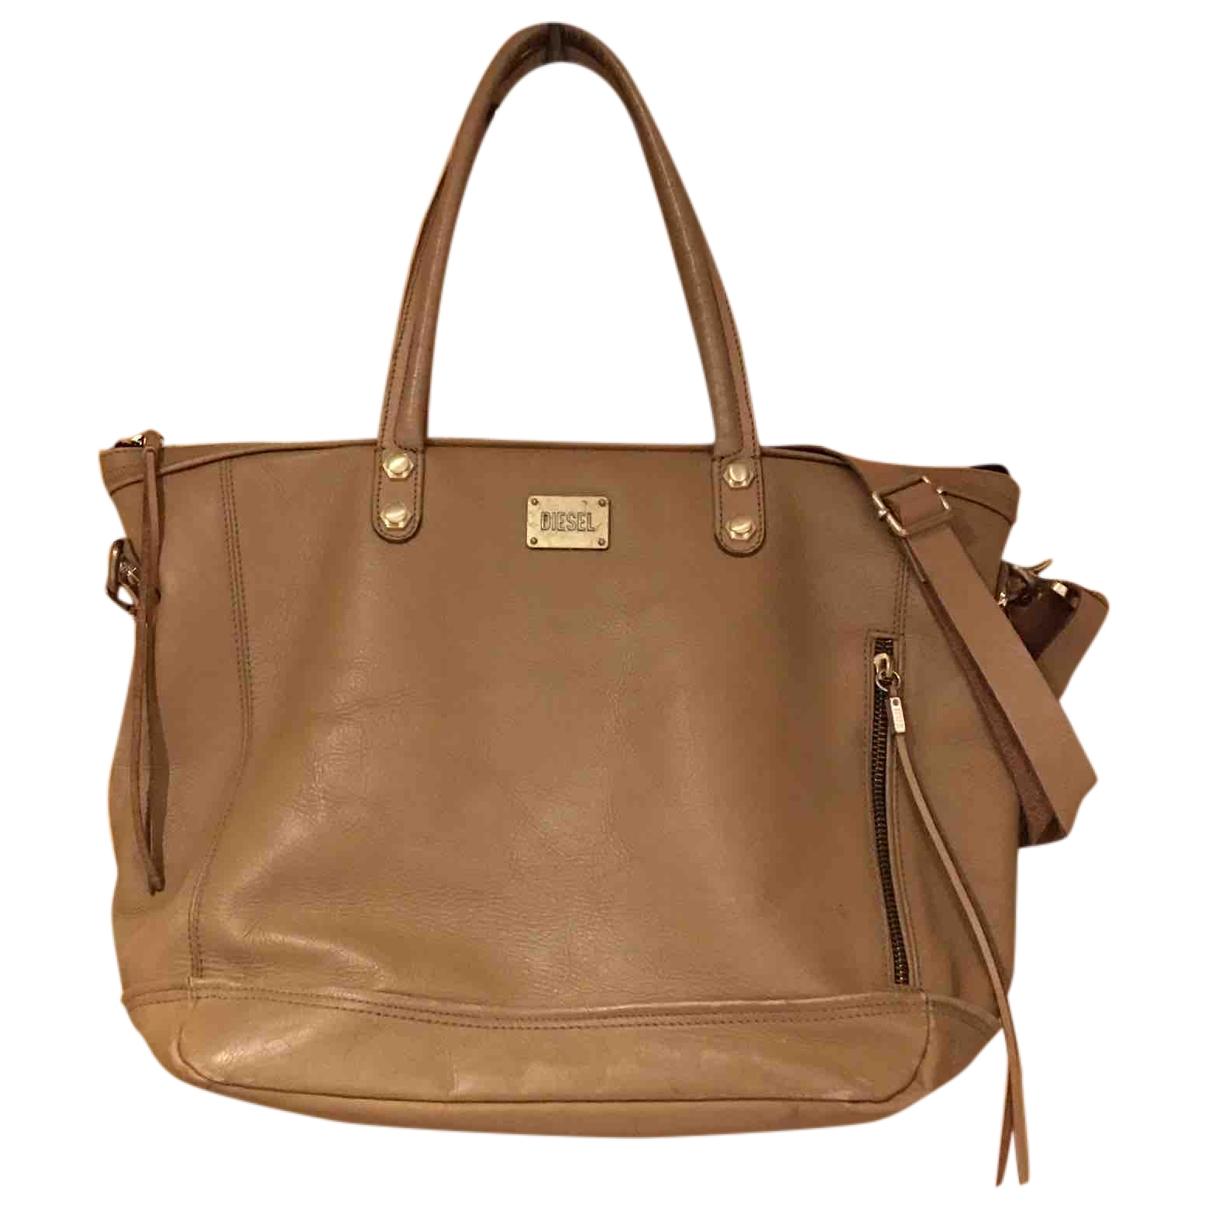 Diesel \N Camel Leather handbag for Women \N